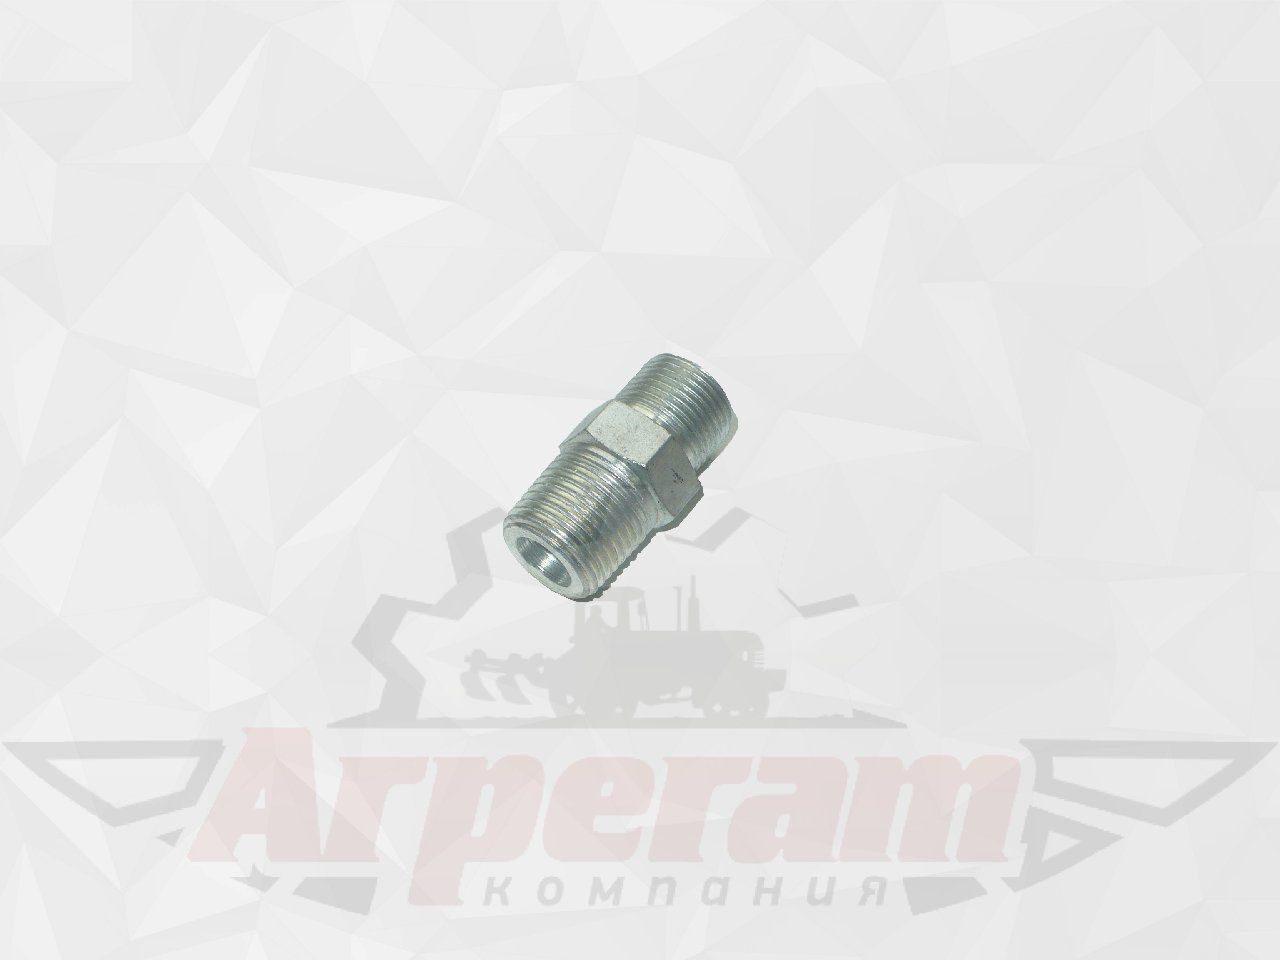 Гидроцилиндры для трактора, купить гидроцилиндр на трактор.